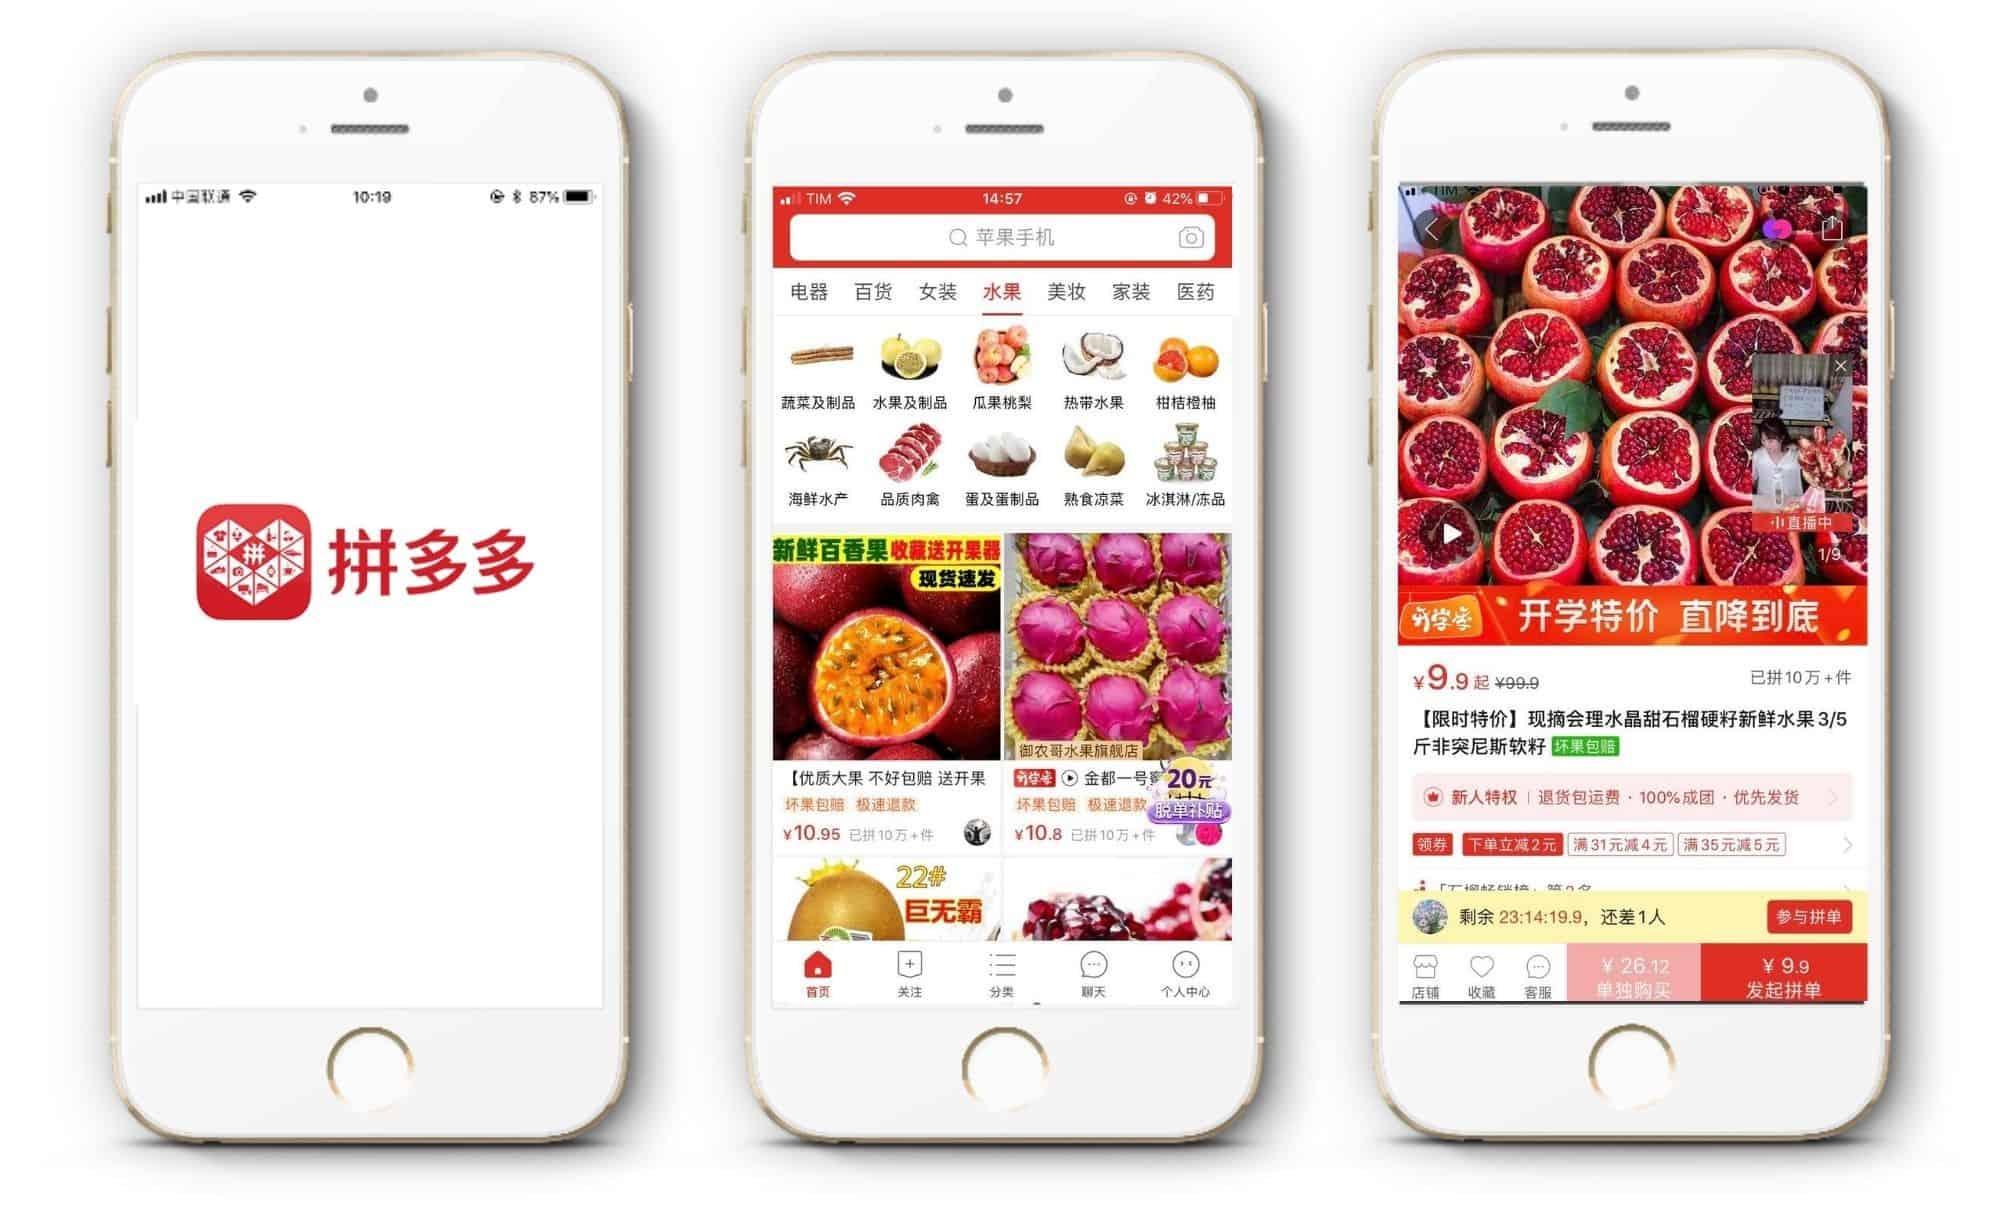 Pinduoduo führt Farm-to-Table Angebot in China ein